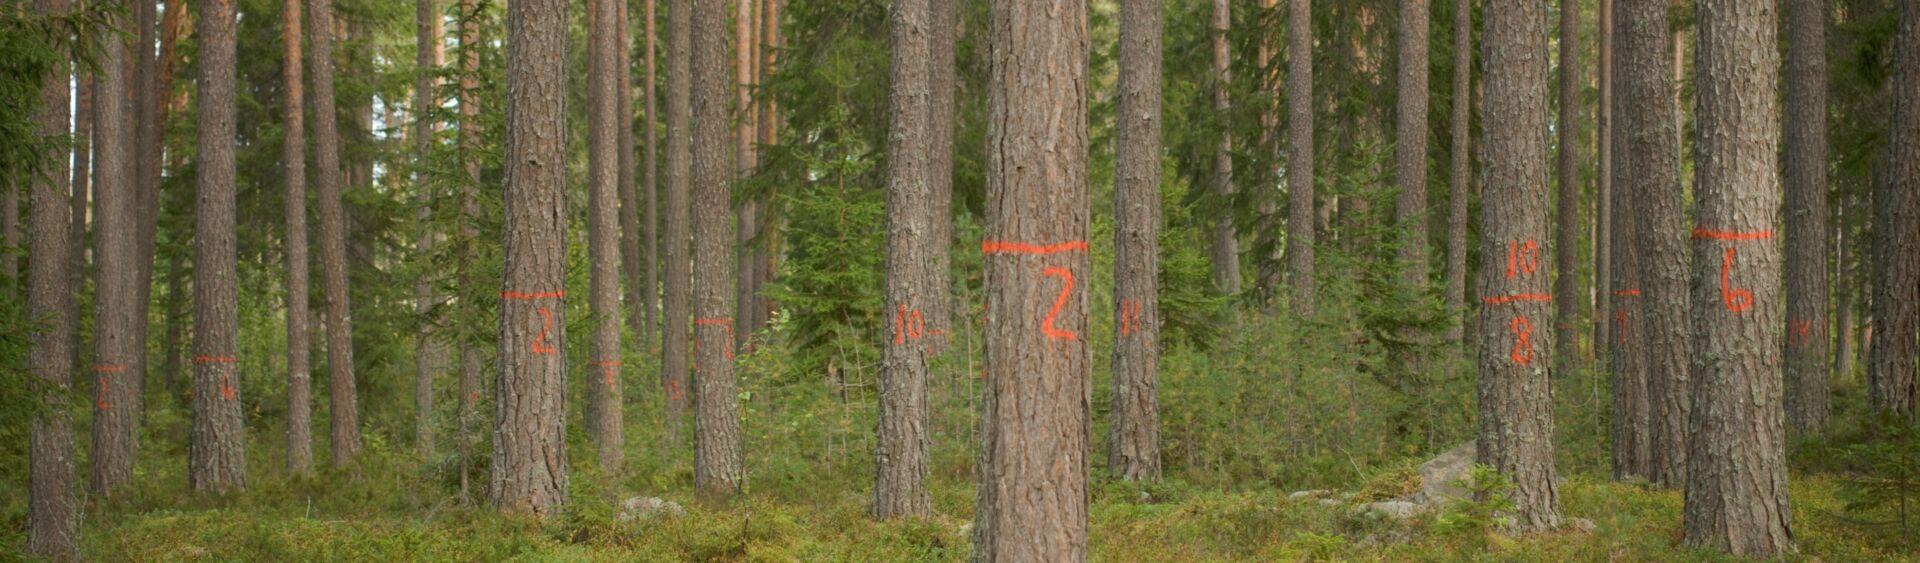 Virkesinköpare Södra Dalarna